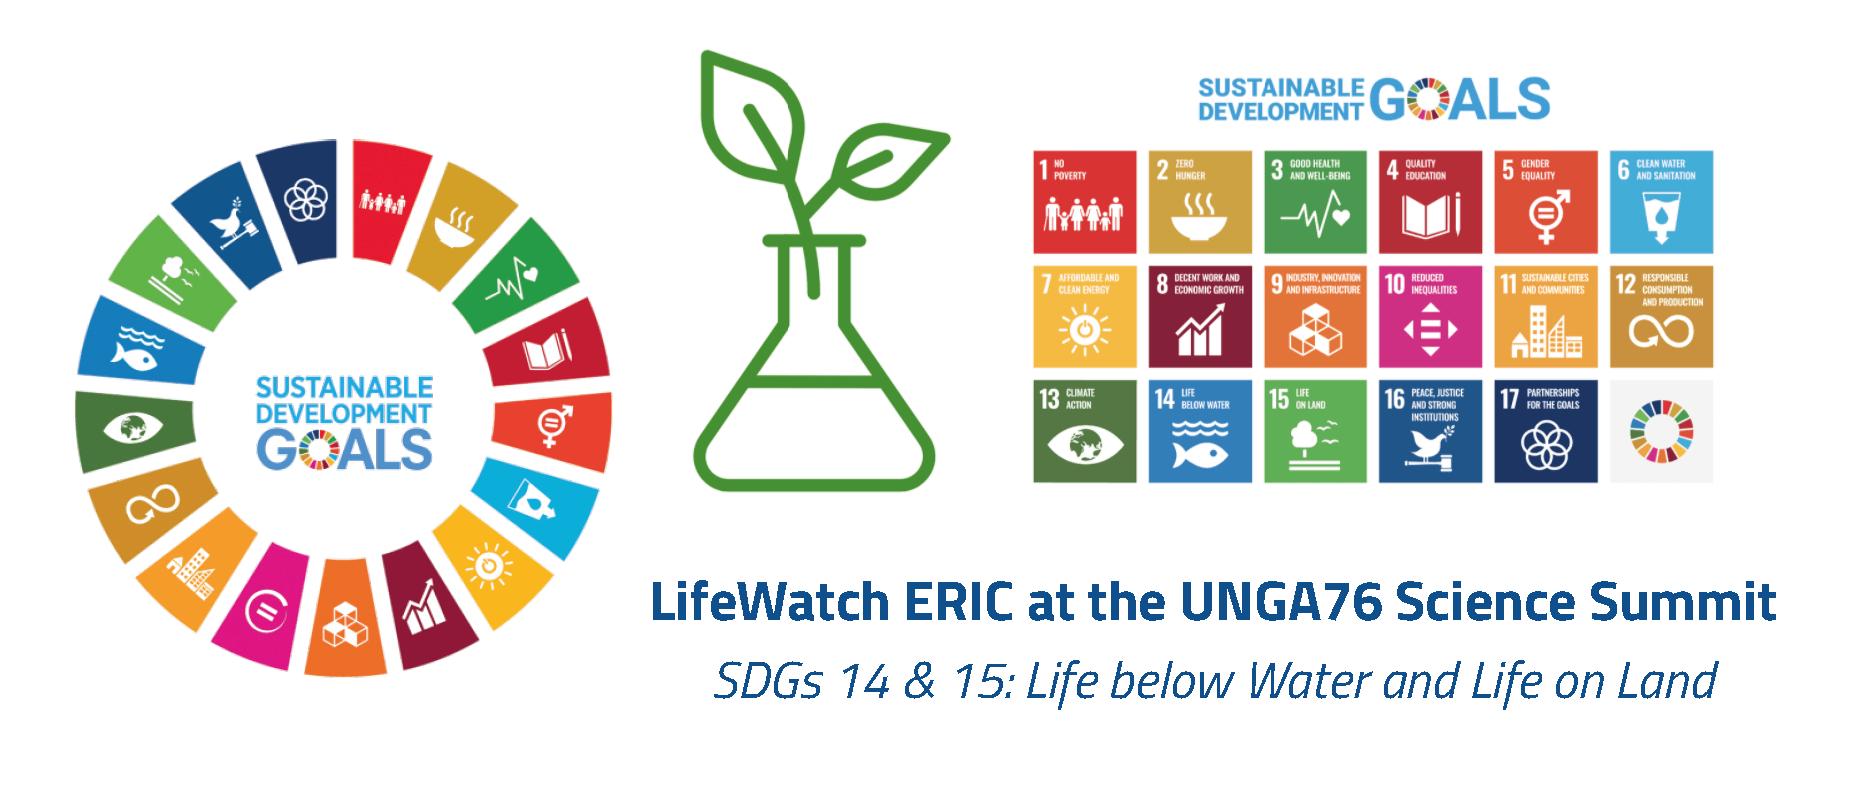 UNGA76 LW ERIC convened session